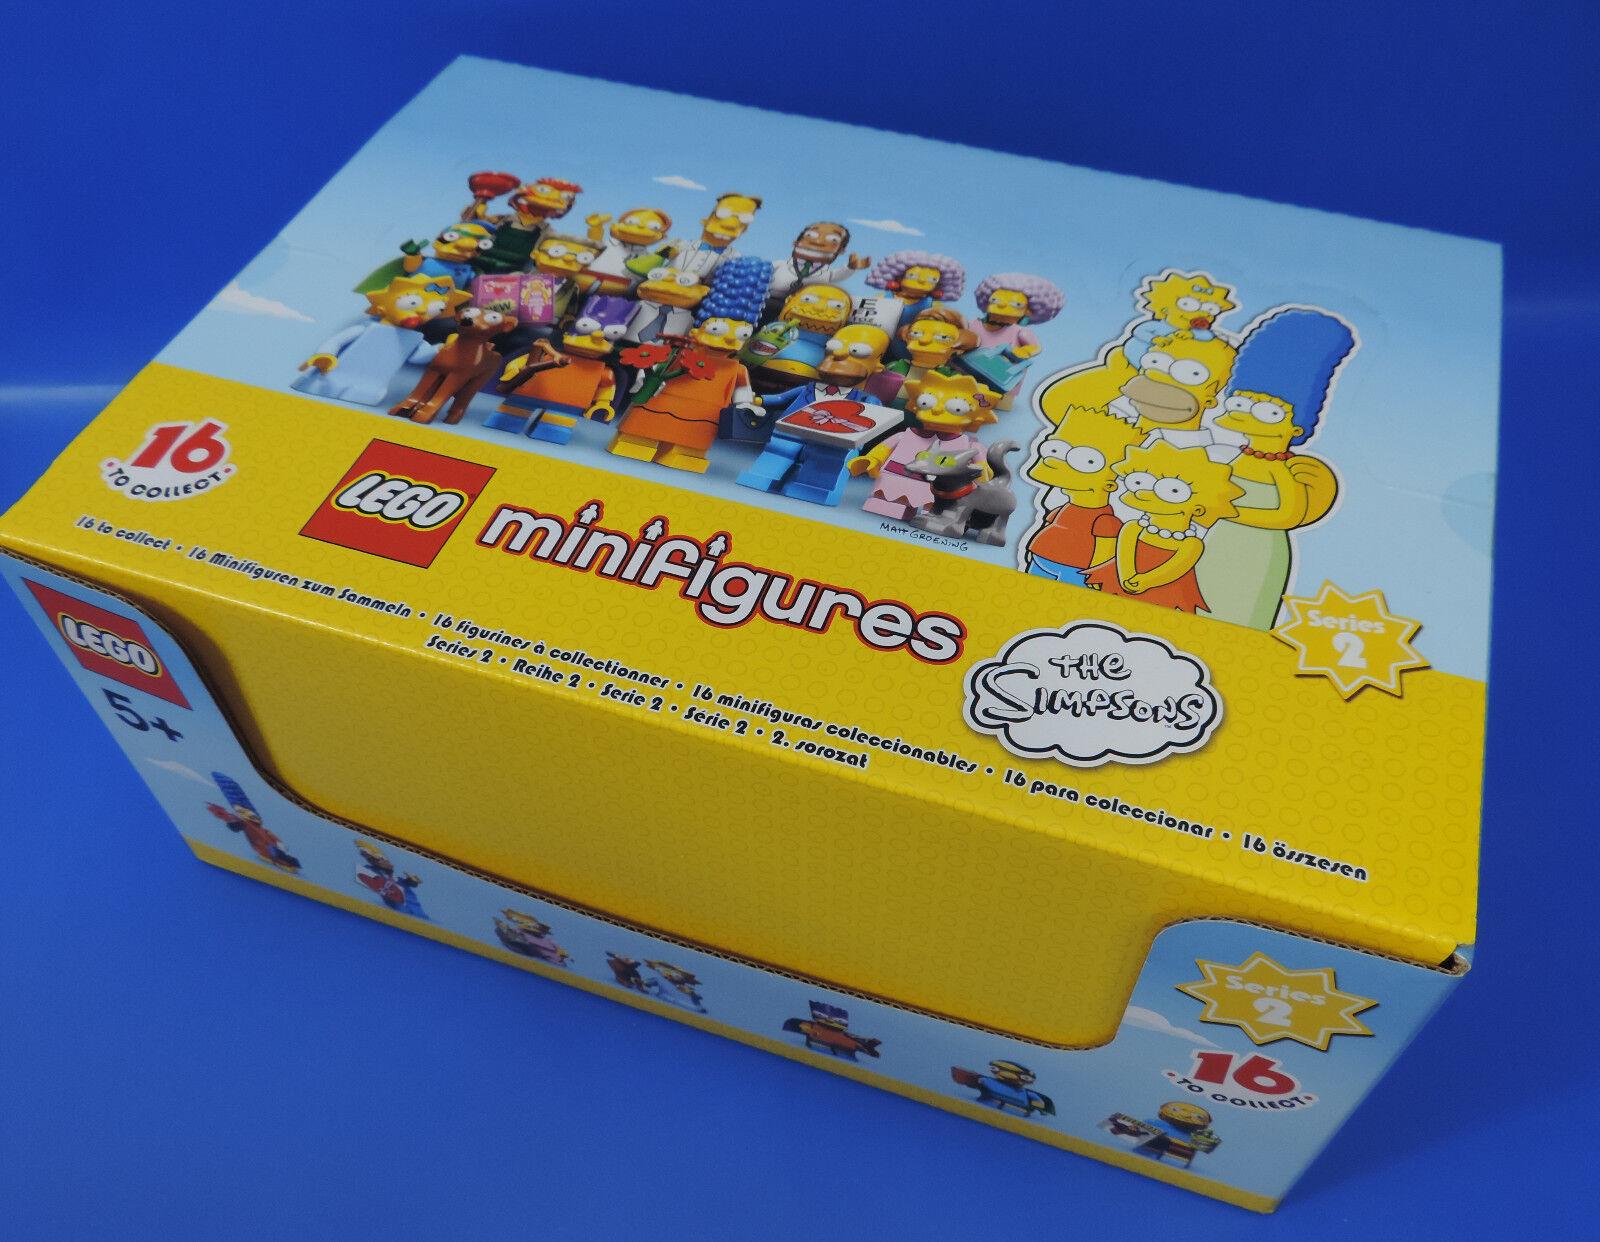 compra meglio Lego® i Simpsons Serie 2 2 2 (71009) Display 60 cifra Confezione Originale  100% di contro garanzia genuina